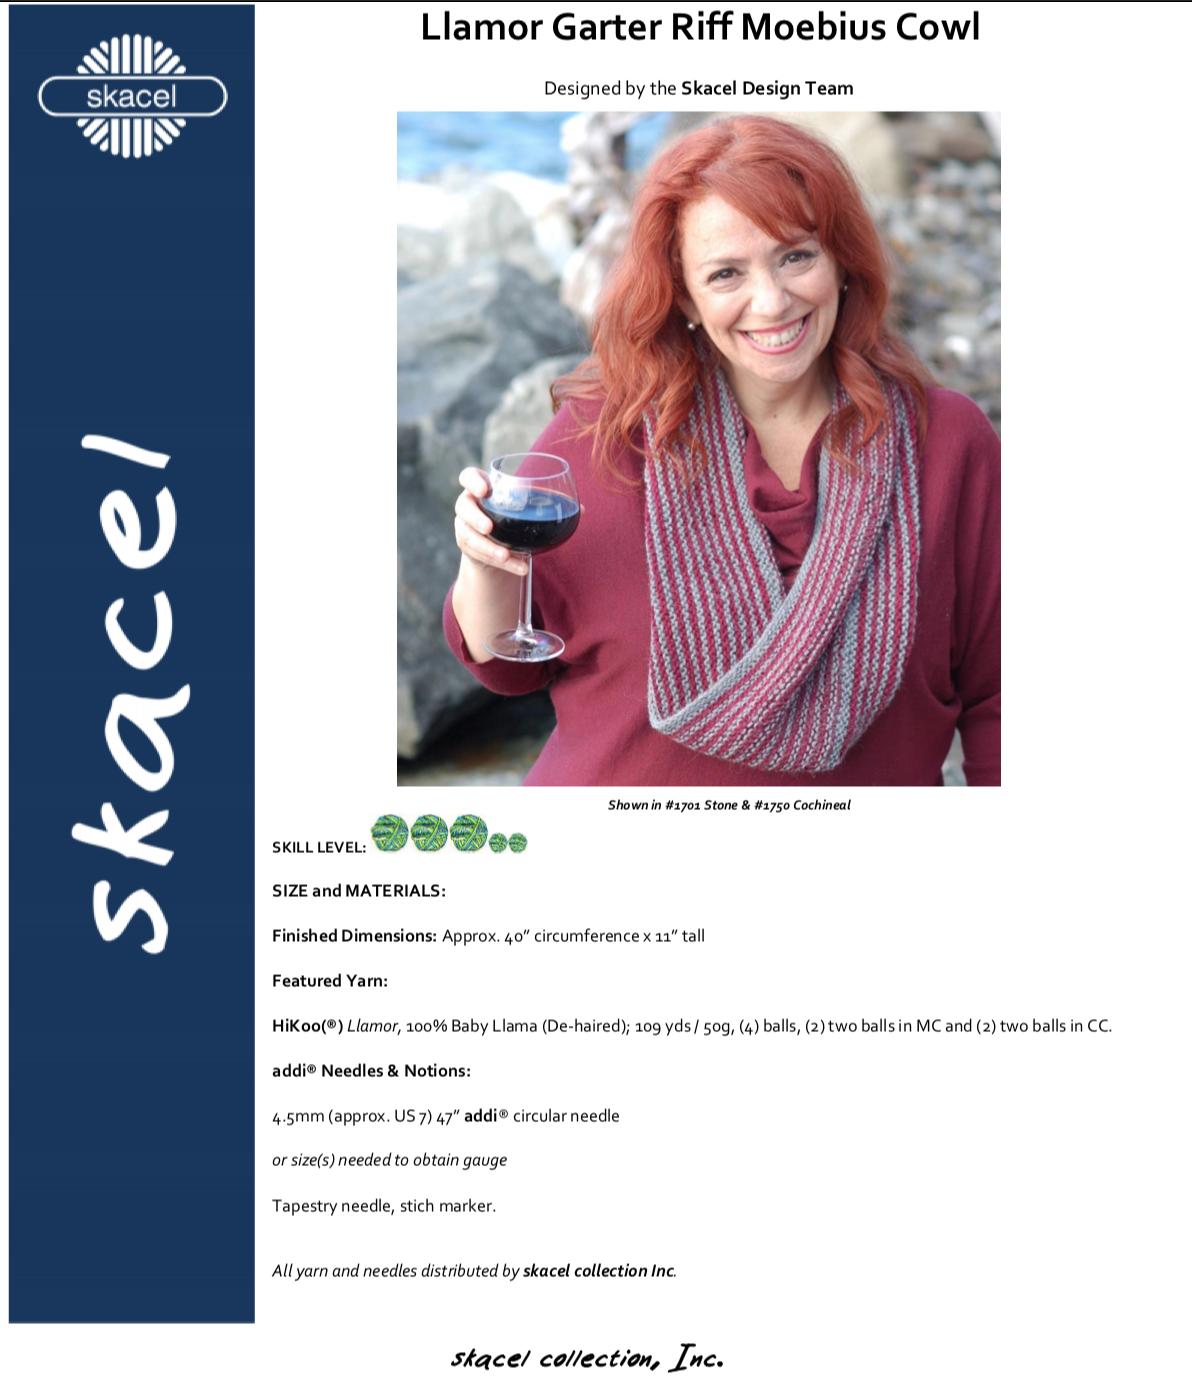 Garter Riff Moebius Cowl - free PDF download